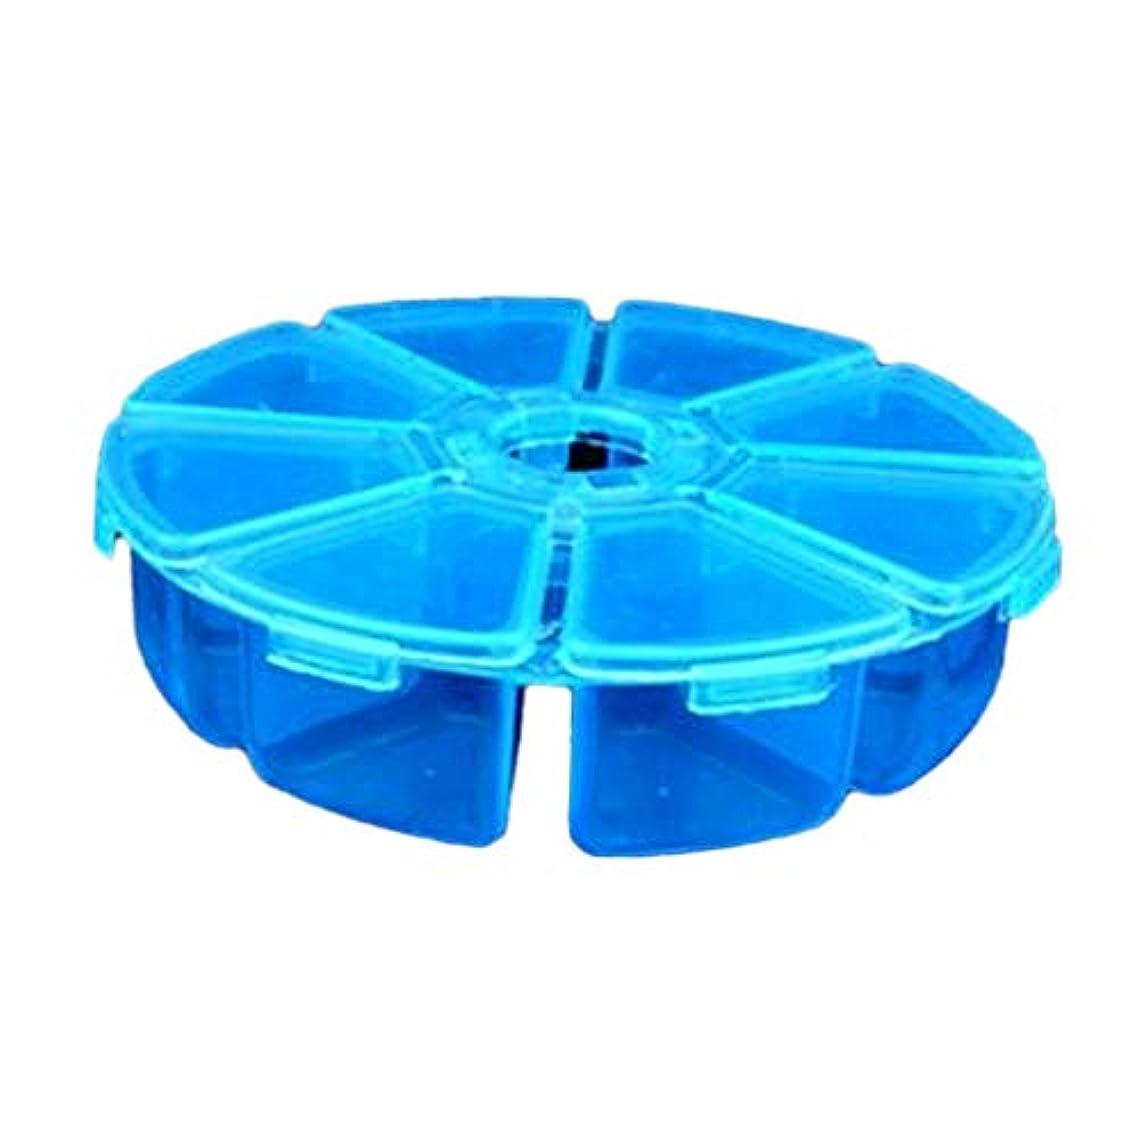 正統派ラグバスケットボールPerfeclan ネイルアート 収納ボックス パーツ入れ 整理 円形 8コンパートメント ビーズオーガナイザーケース 全4色 - ブルー